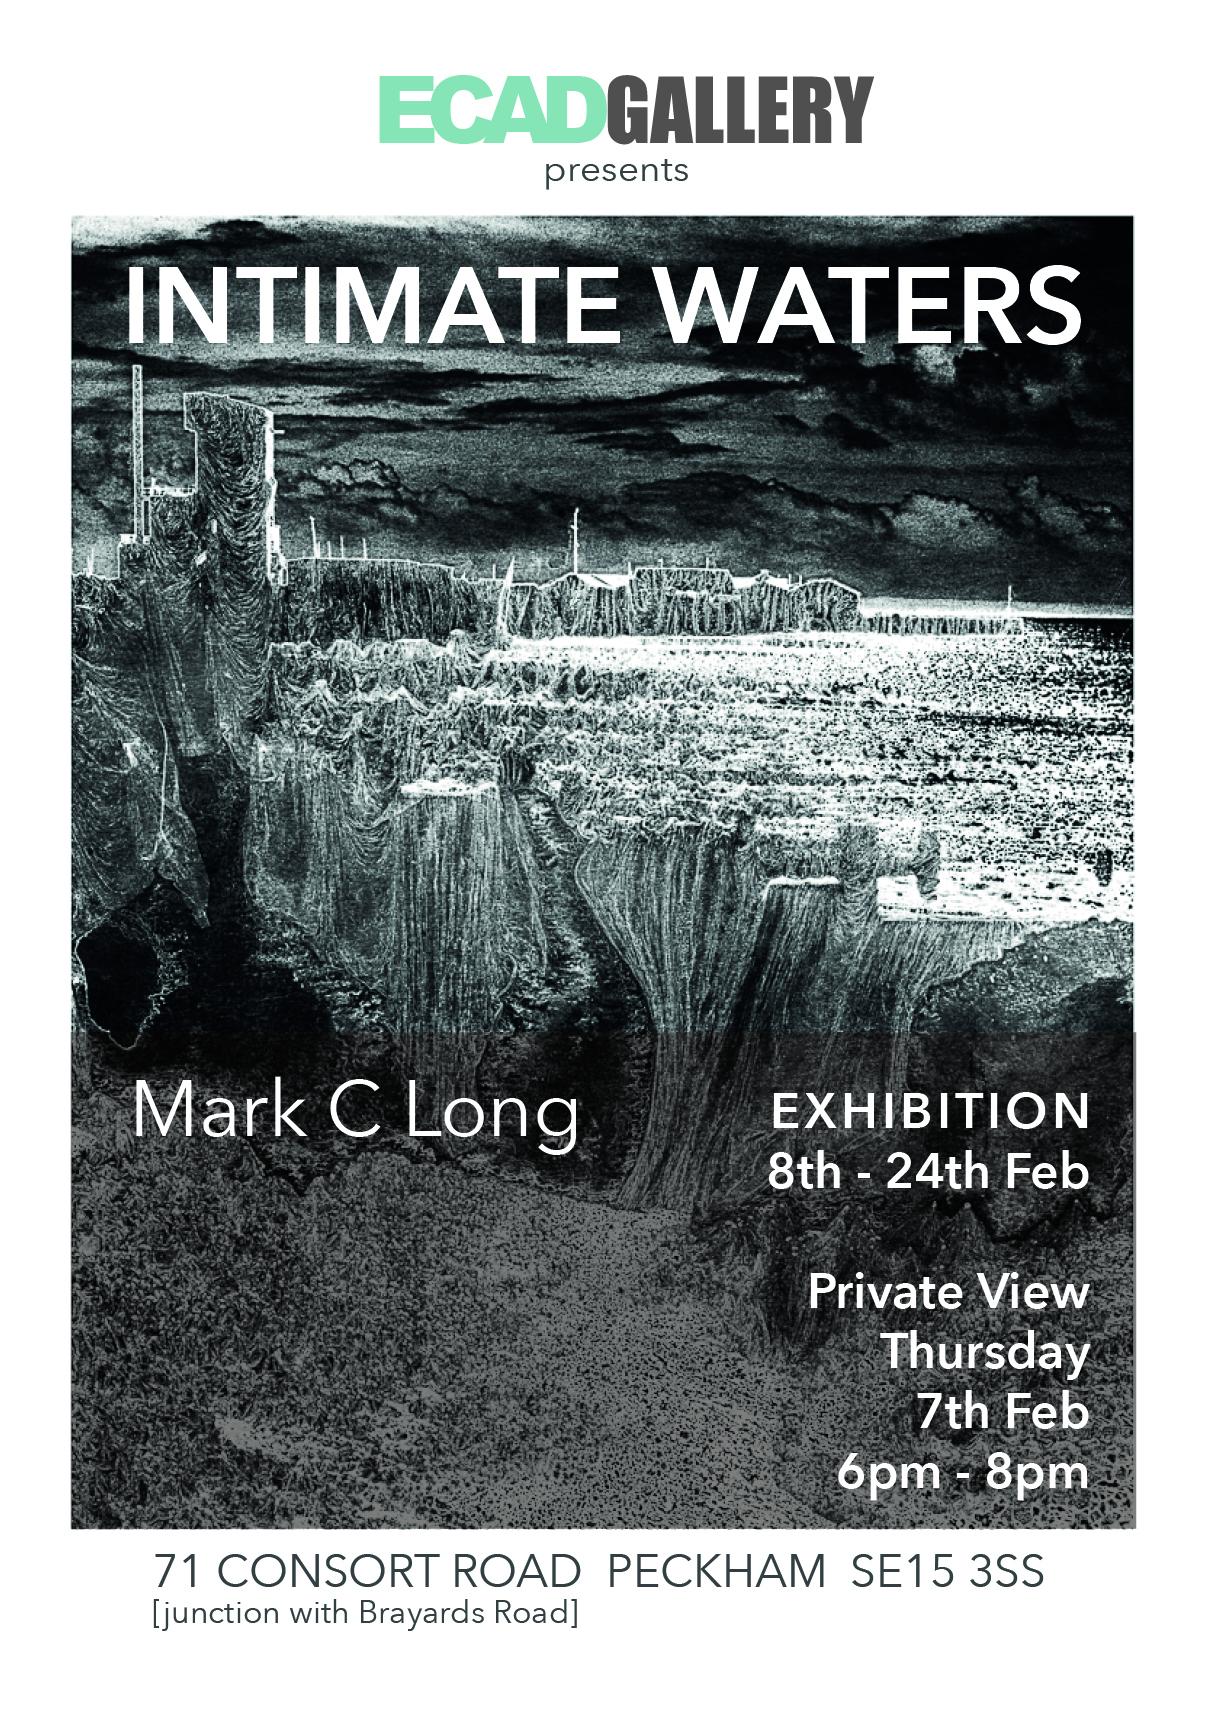 Intimate Waters Postcard Flyer 1.jpg